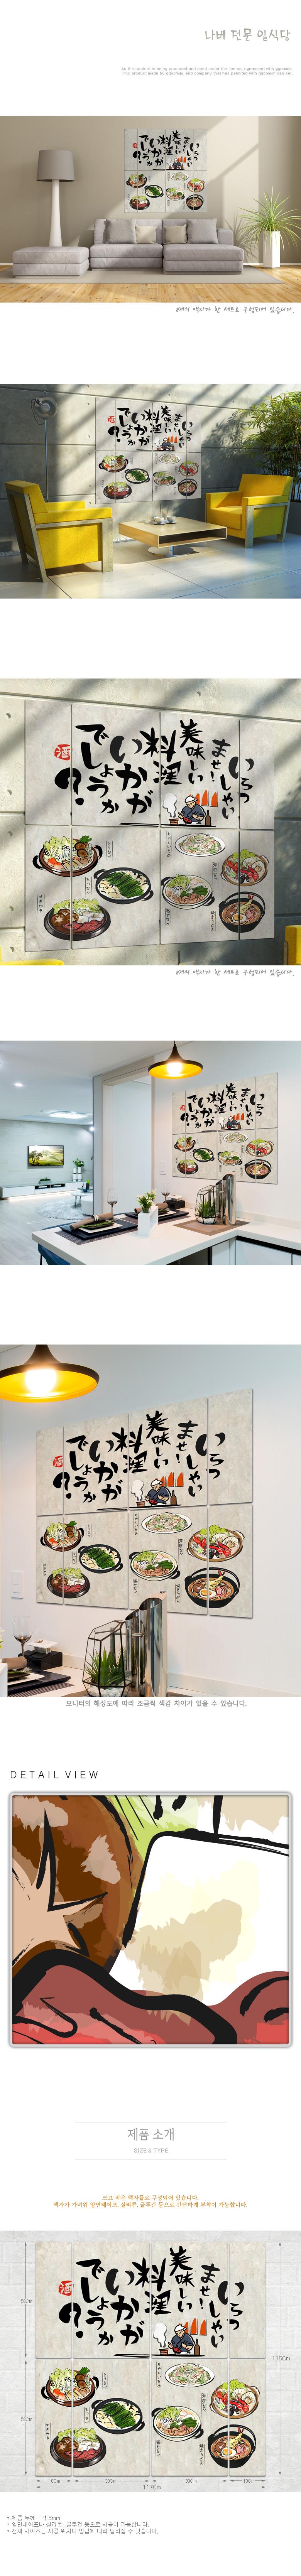 멀티액자_나베전문일식당 - 꾸밈, 94,400원, 홈갤러리, 사진아트